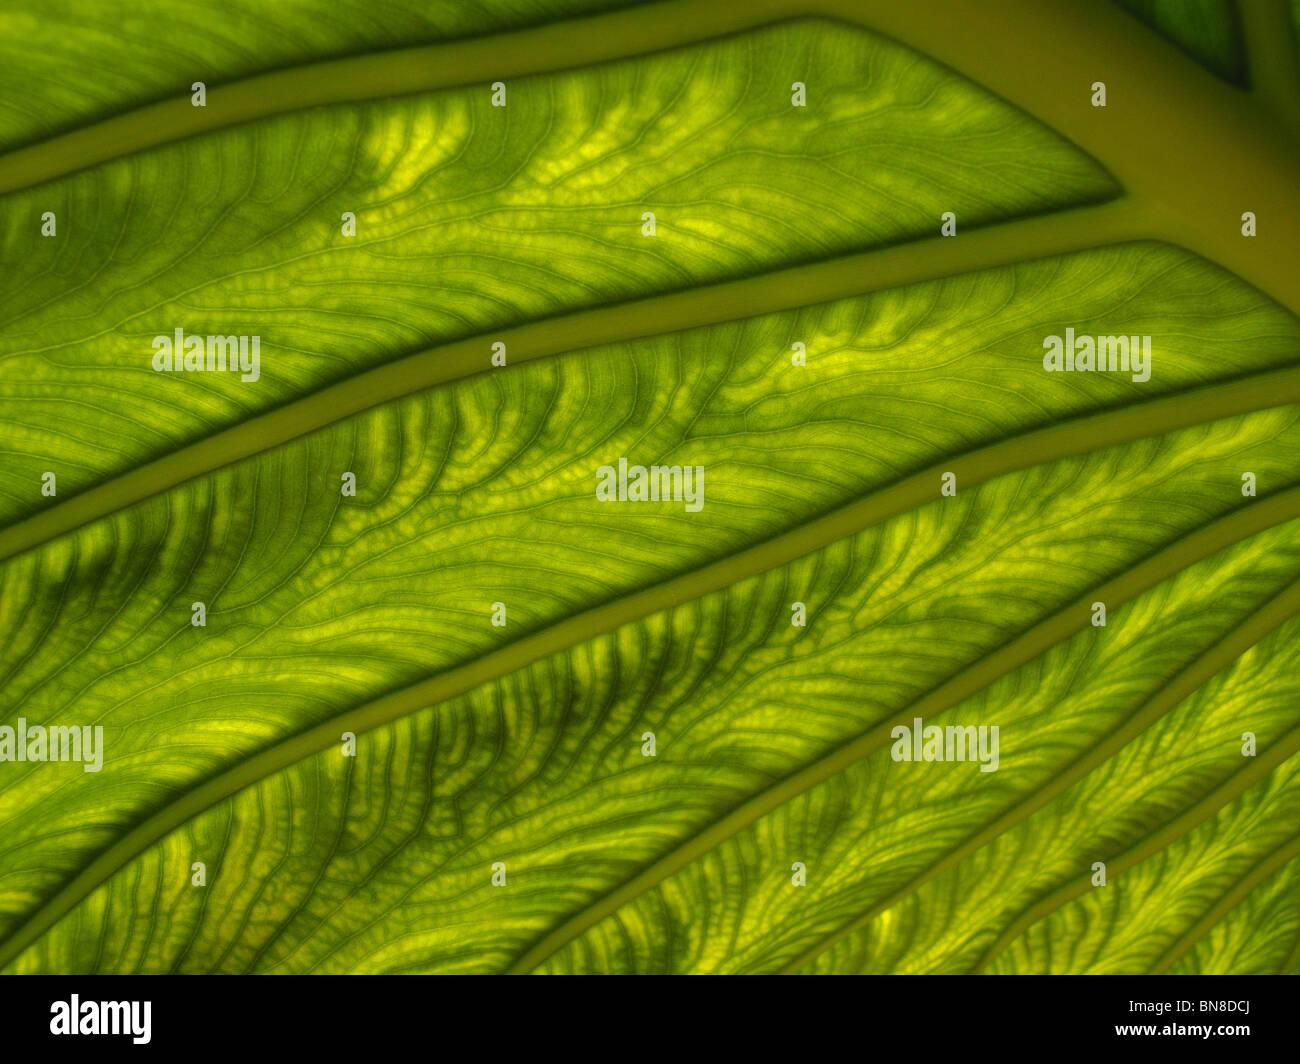 Makroaufnahme des Pflanzenblattes. Sonnenlicht shinning durch eine Pflanze Blatt zeigt detailliert, komplizierte Stockbild